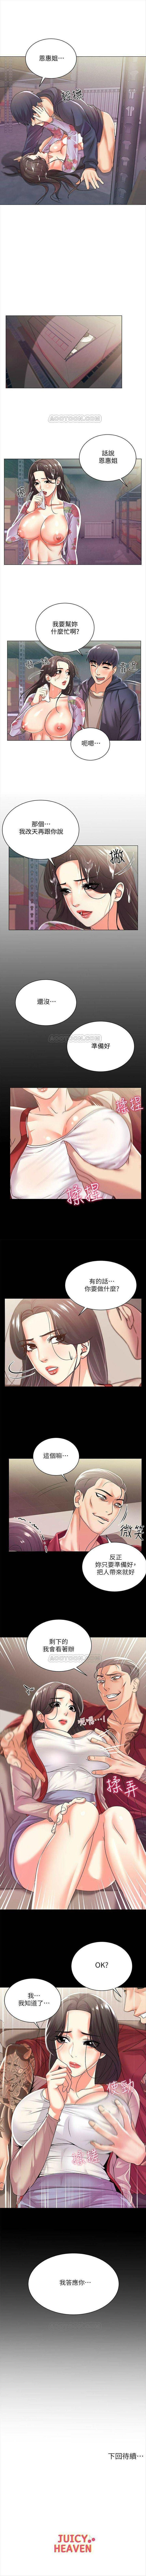 超市的漂亮姐姐 1-27 官方中文(連載中) 98